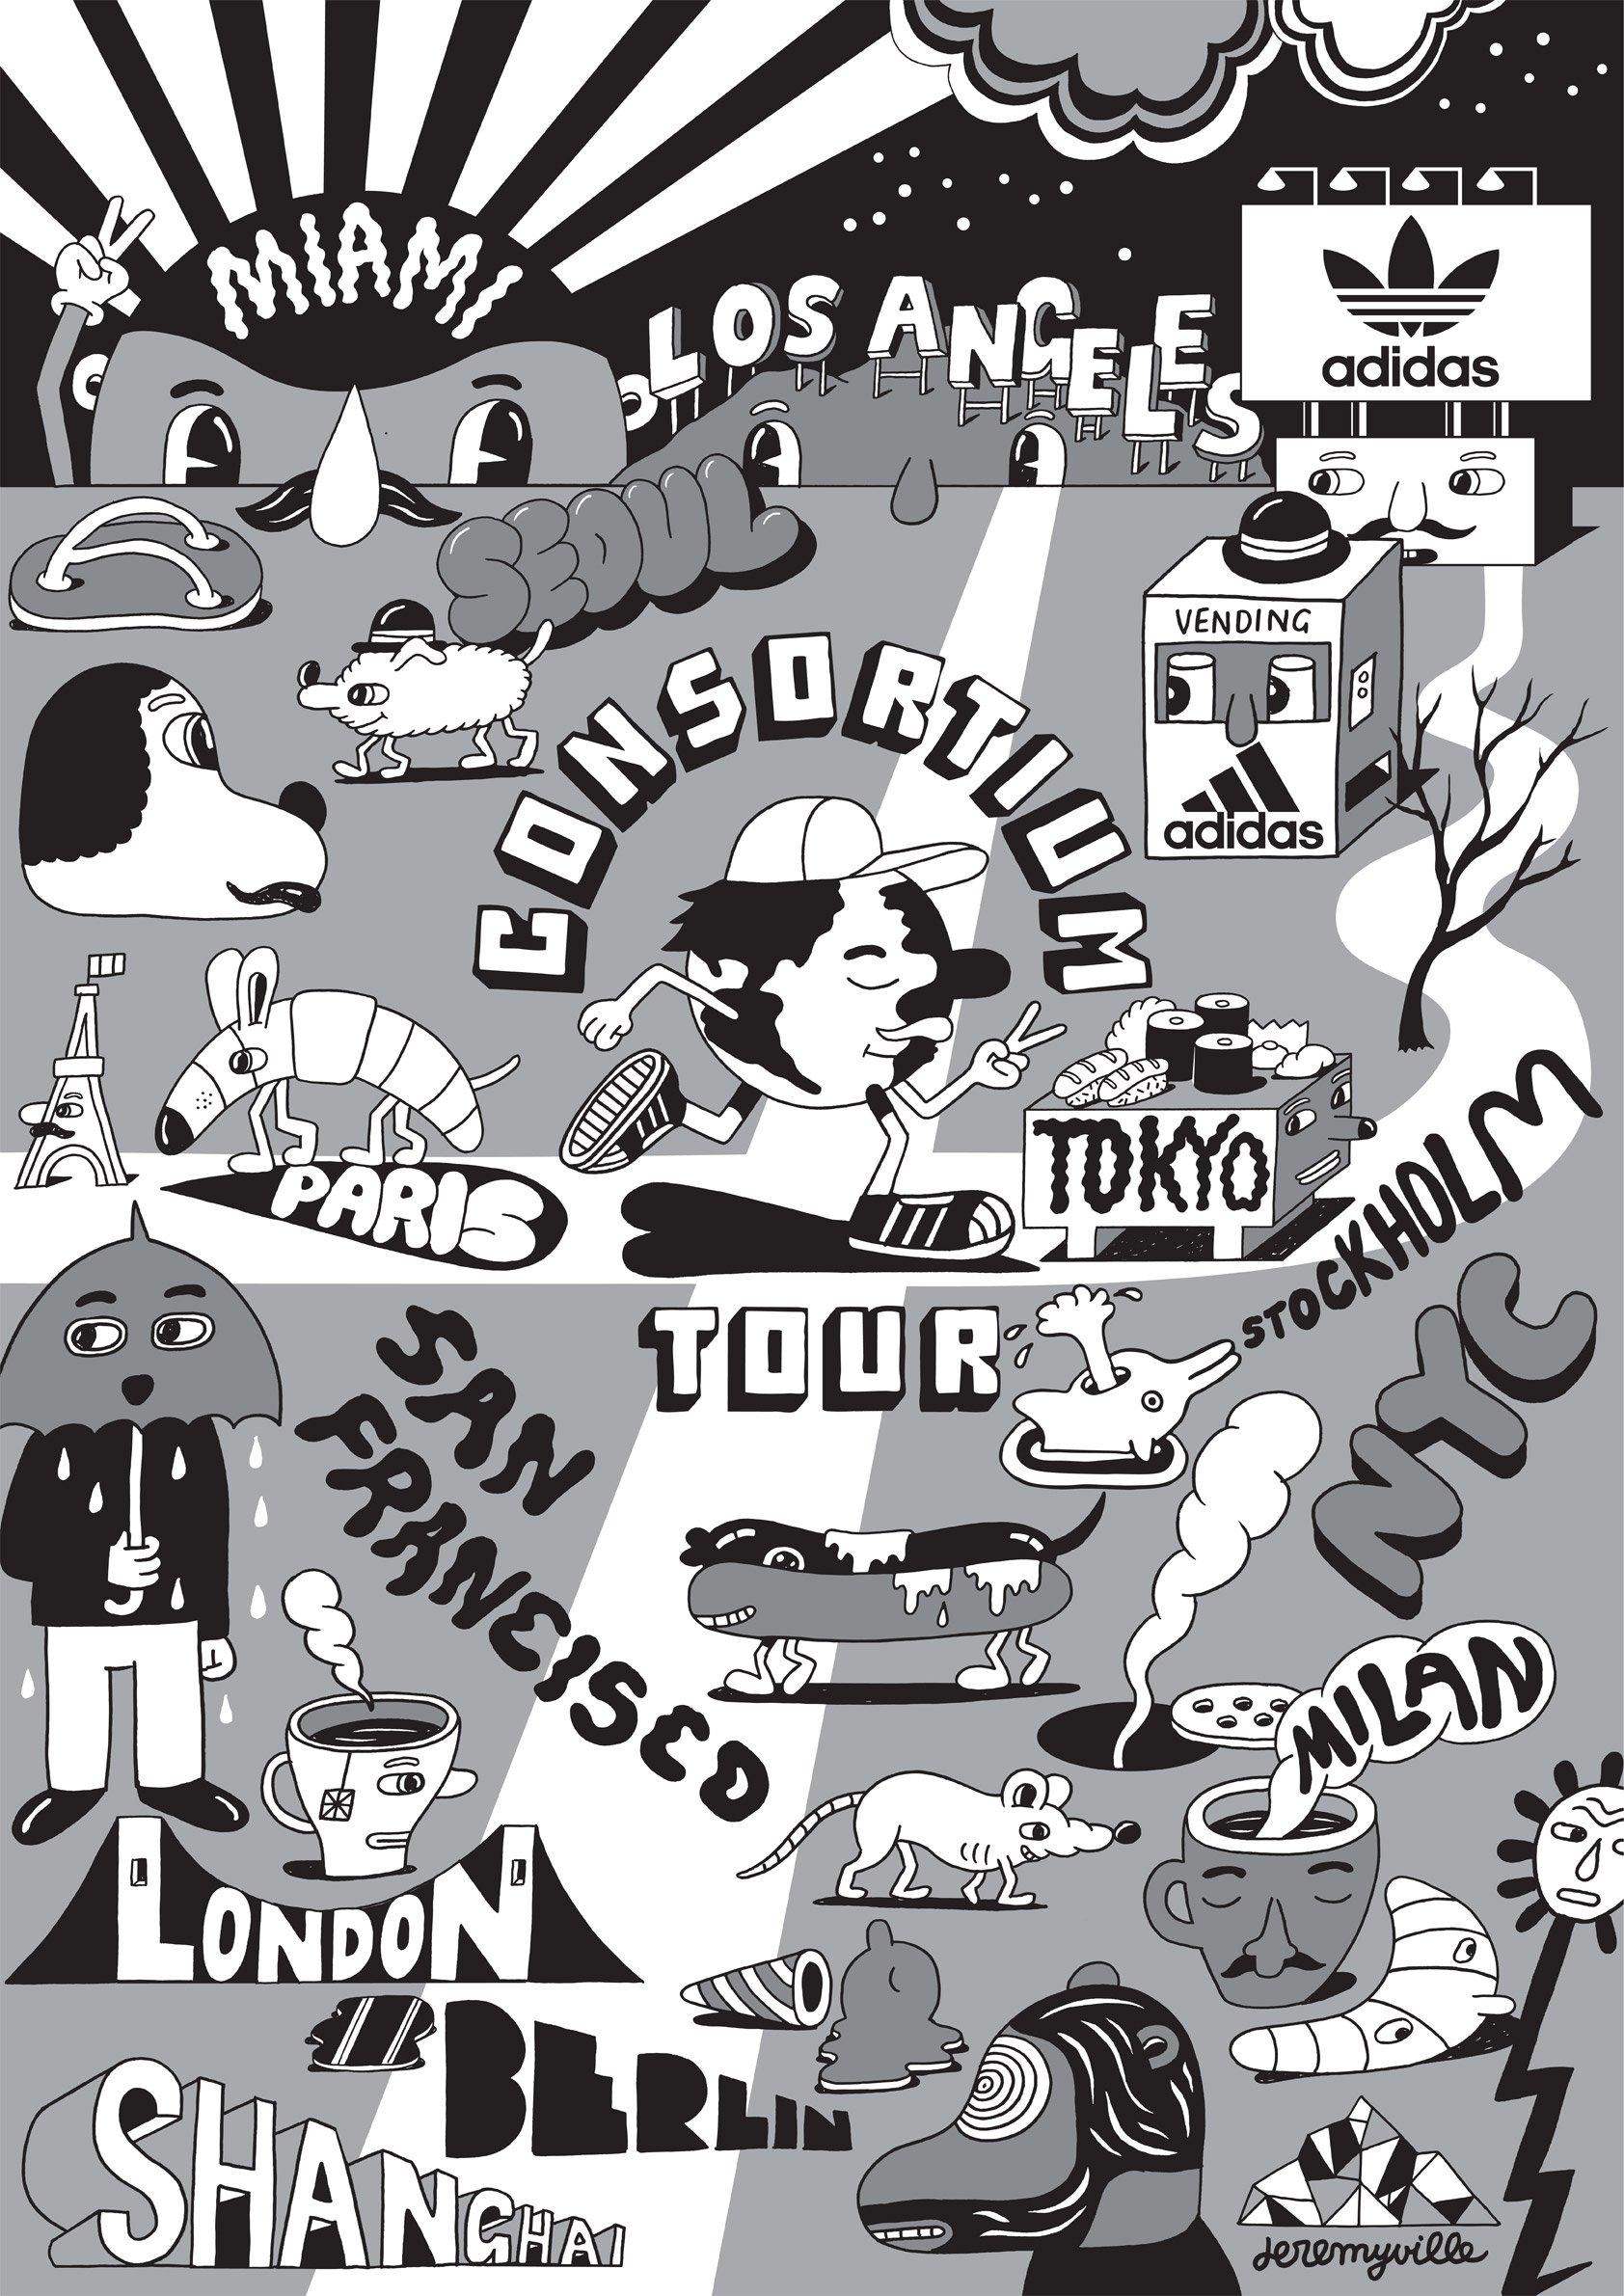 adidas_Consortium_Tour_Poster_neu